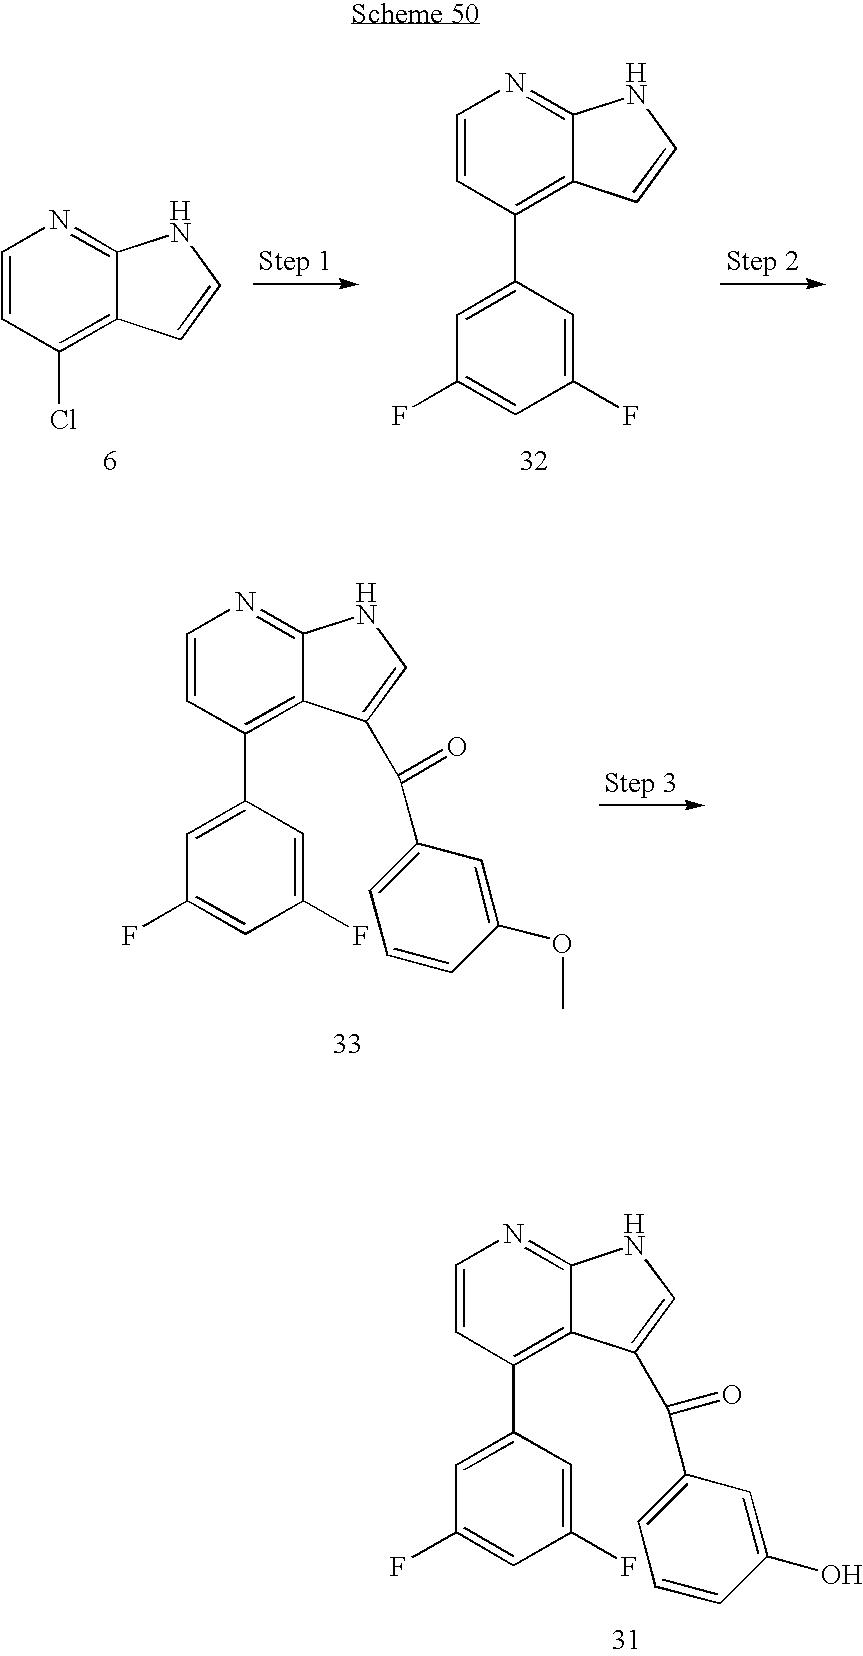 Figure US20070066641A1-20070322-C00070